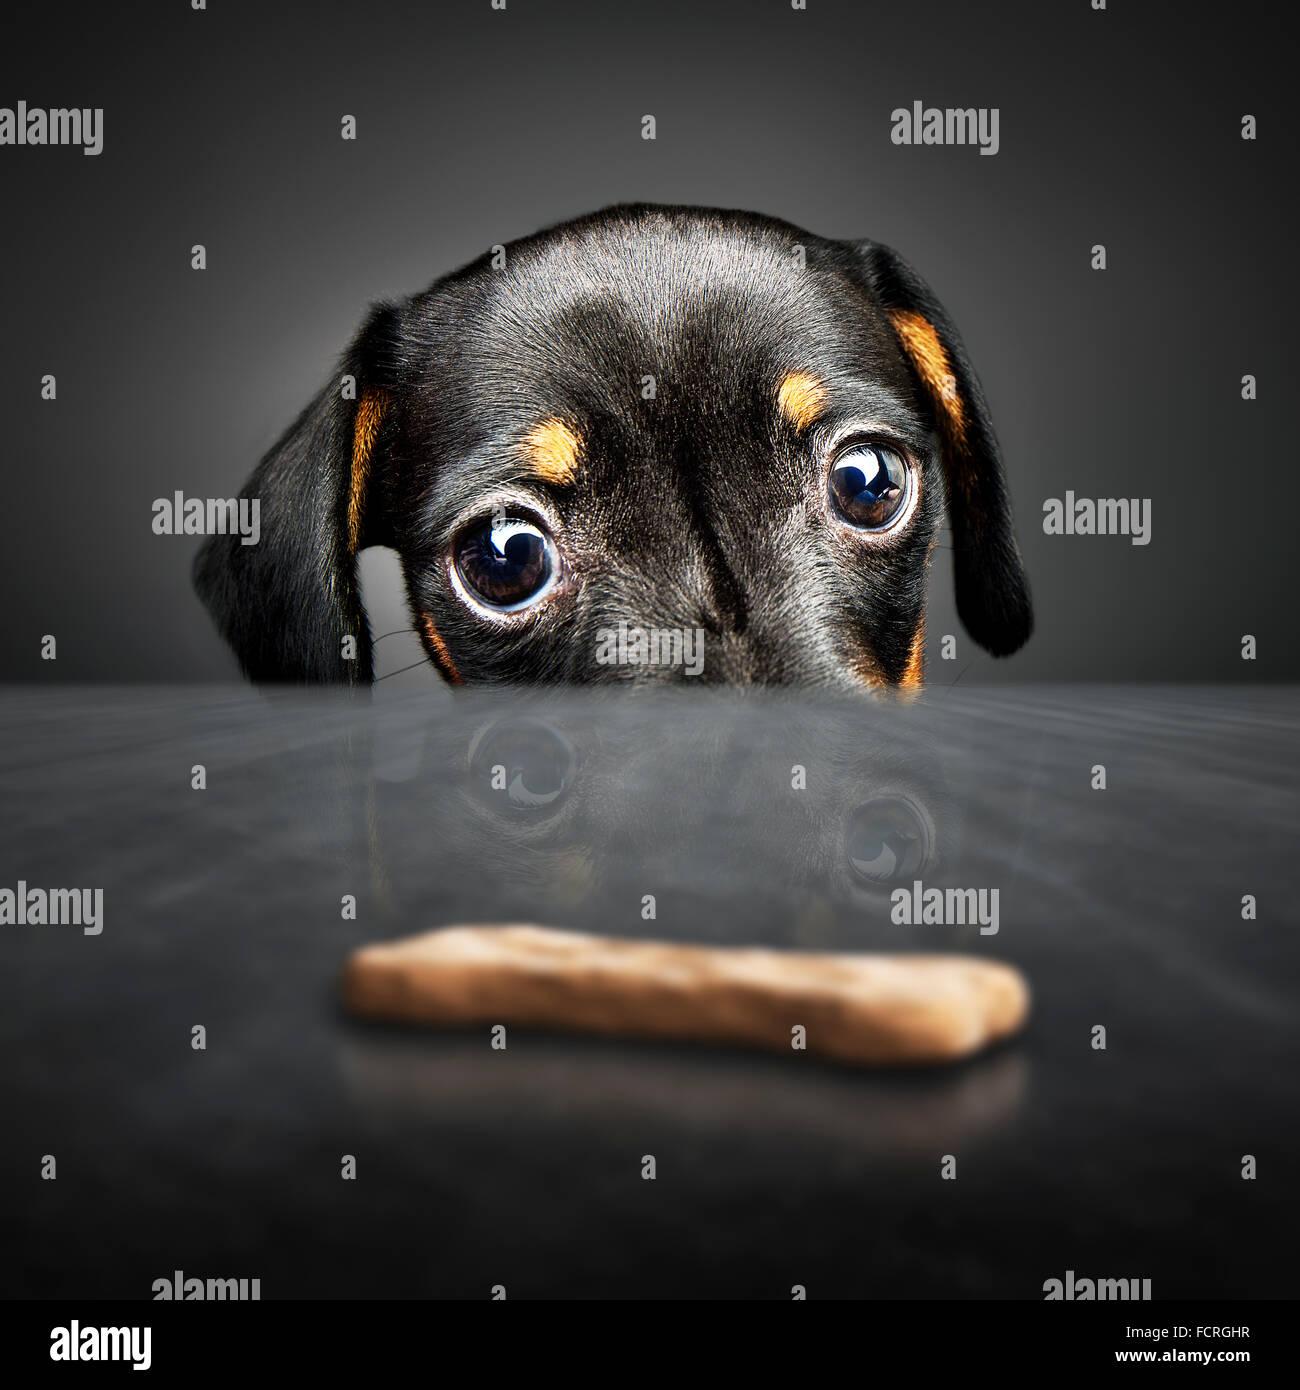 Bassotto cucciolo guardando un trattamento (al di fuori della portata) su una tavola Immagini Stock